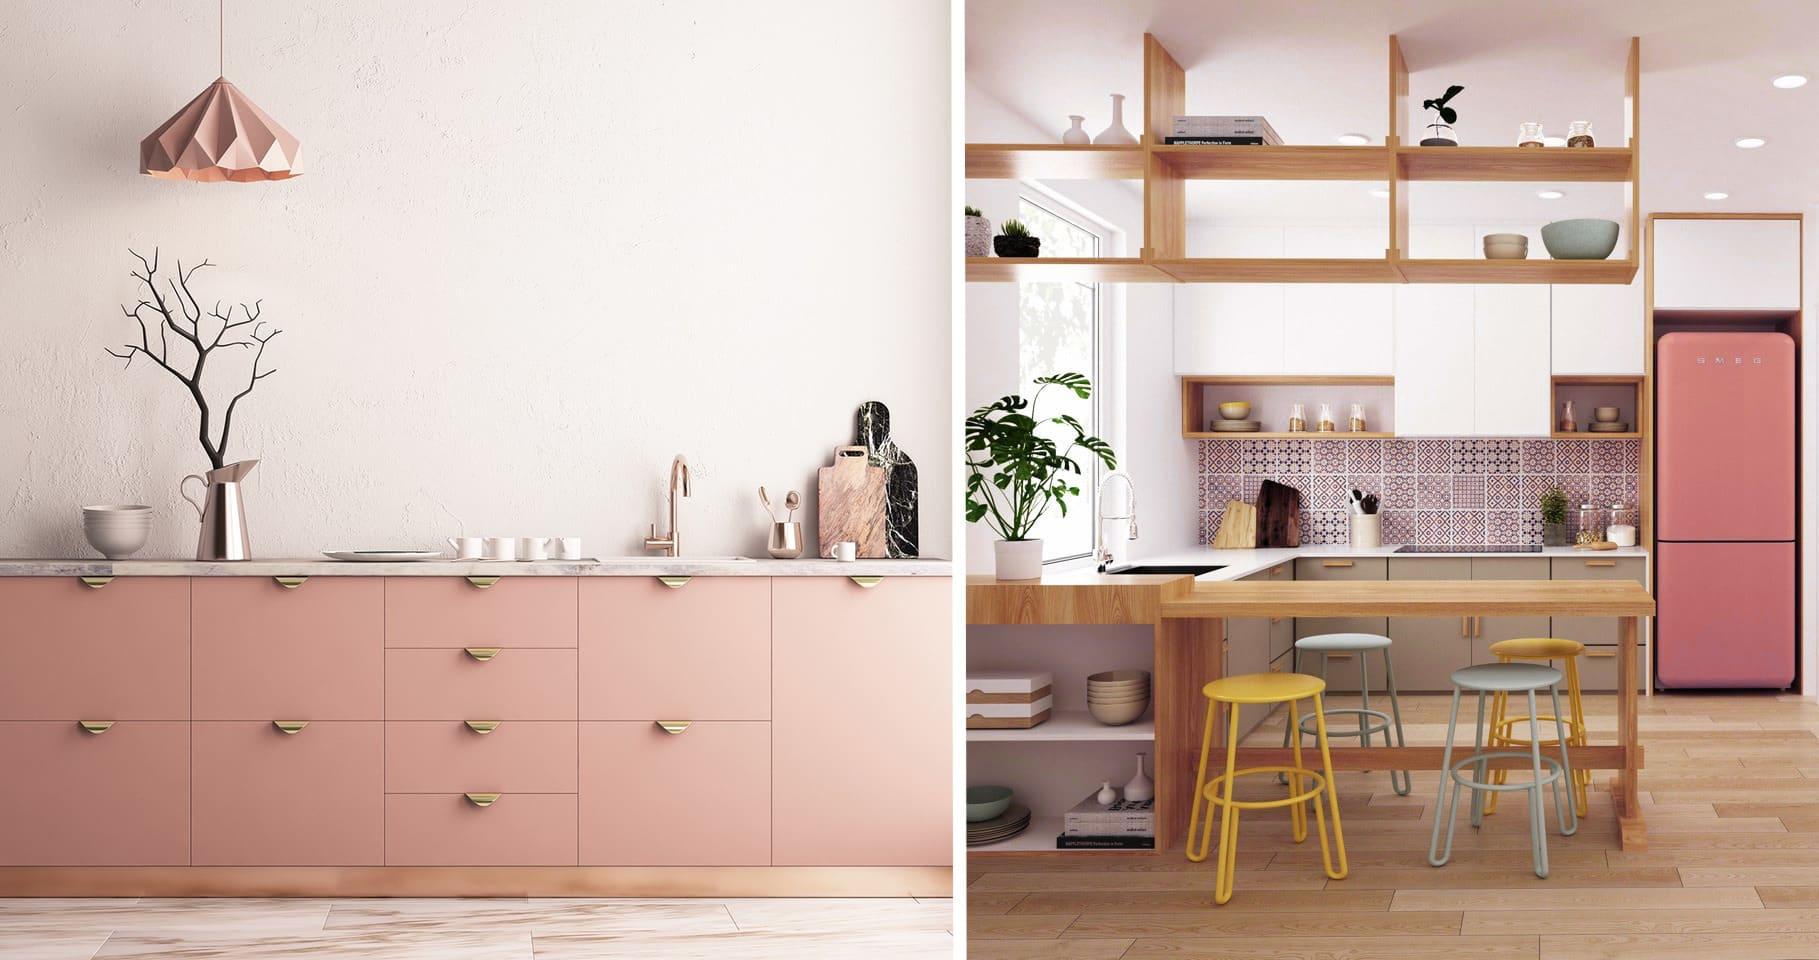 Тесноту помещения скроет грамотный дизайн и правильная расстановка мебели